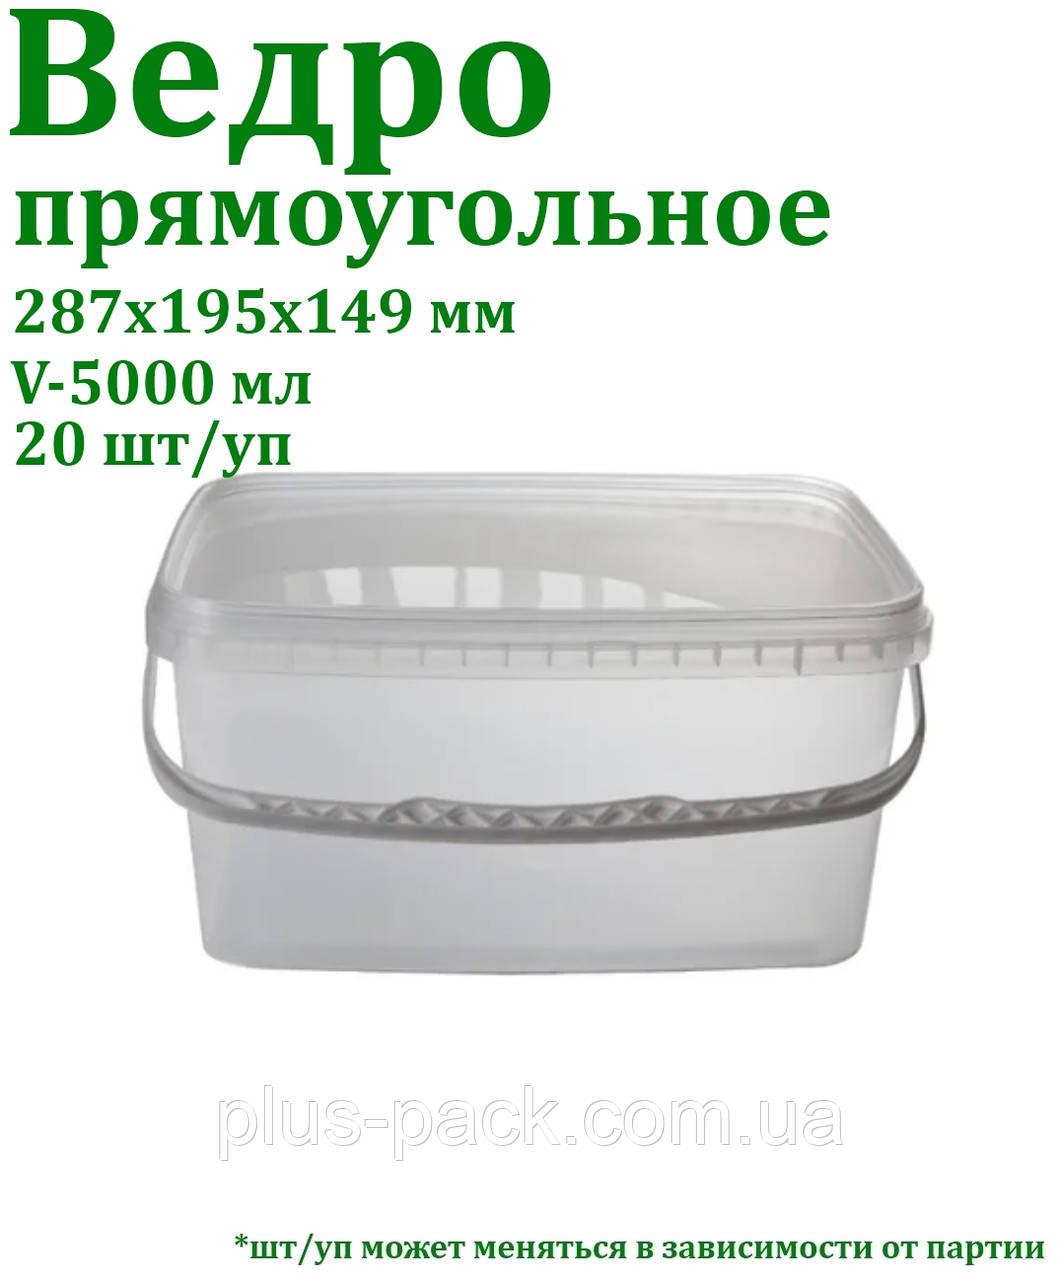 Ведра пластиковые пищевые  5,5л, прямоугольное для солений, 20шт/ящ